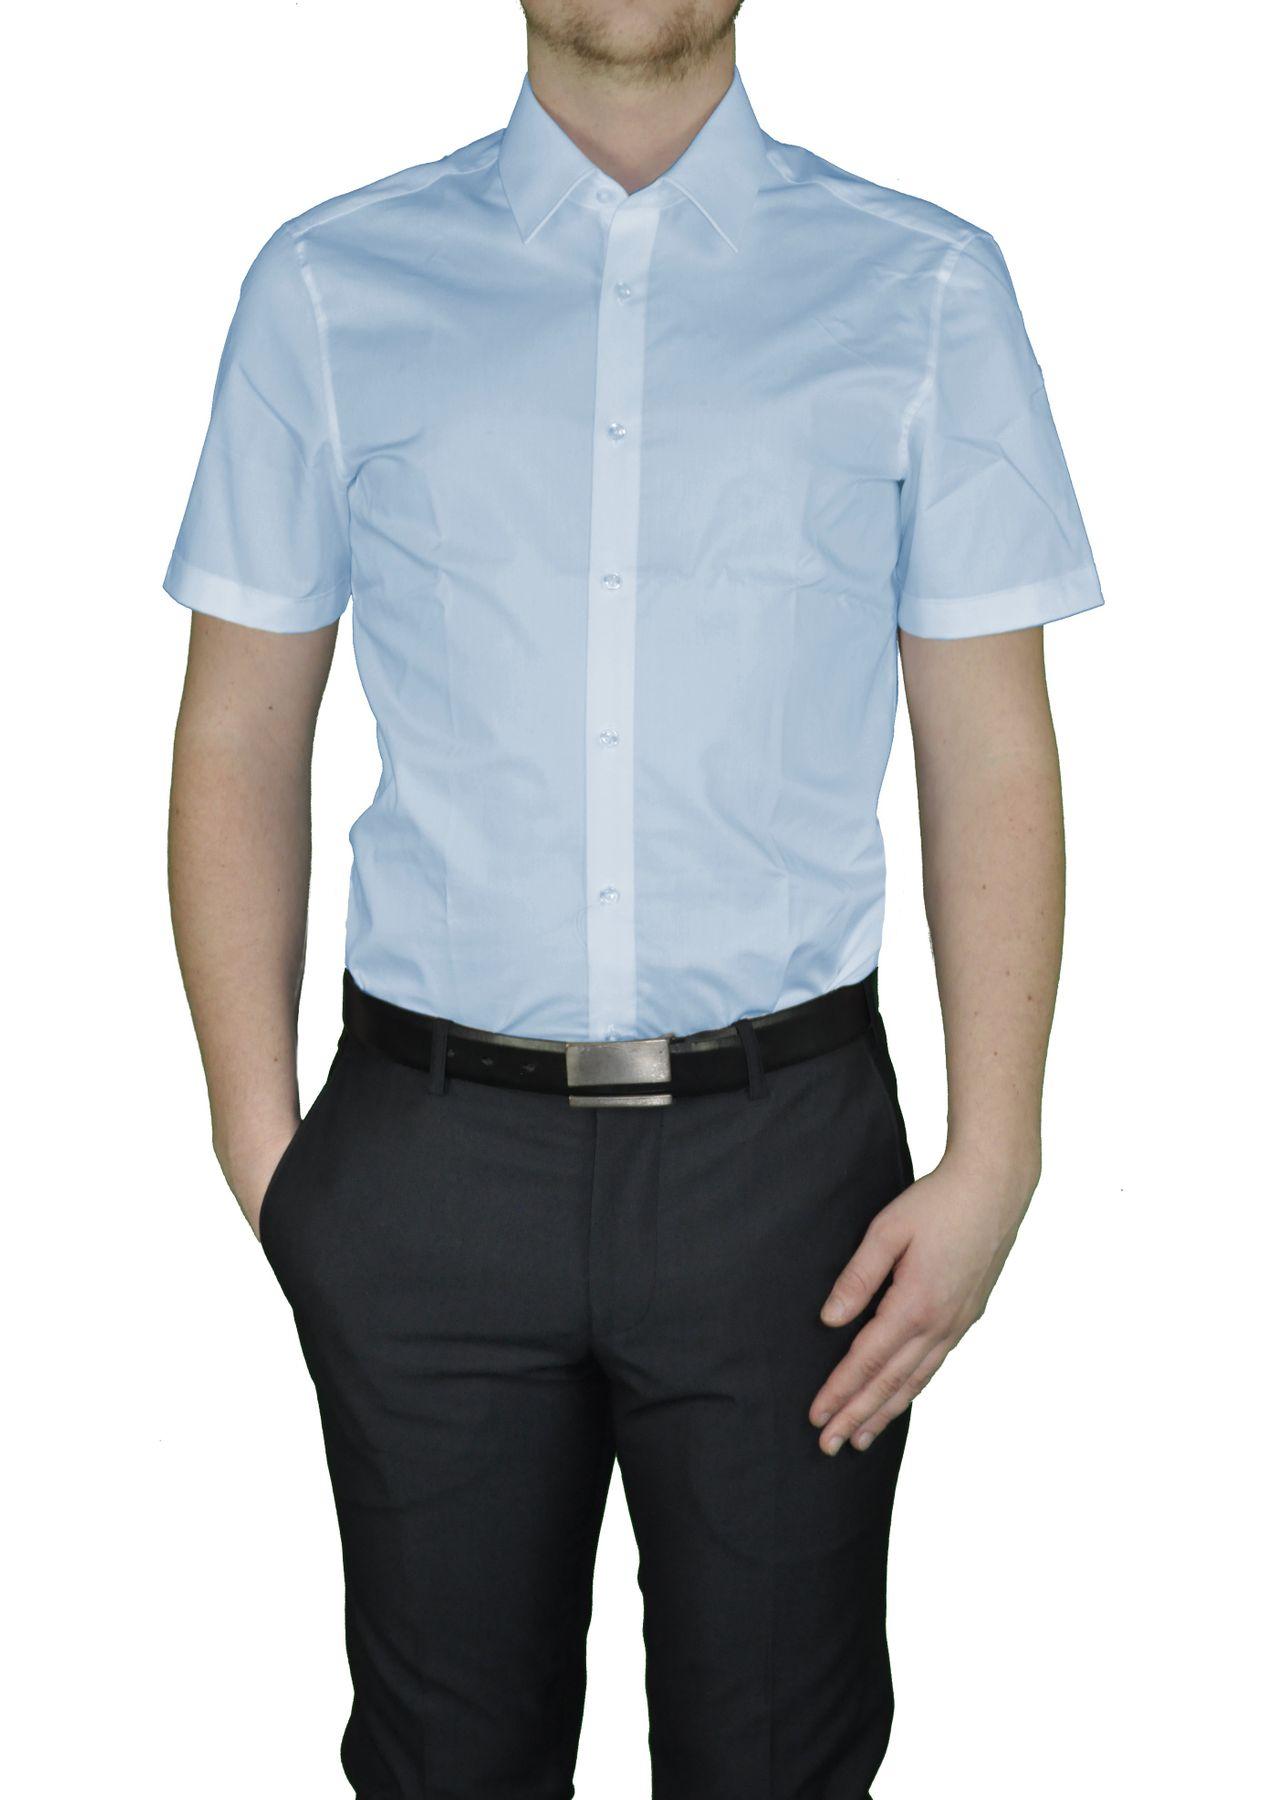 Bügelfreies Herren Kurzarm Hemd in verschiedenen Farben, Stil: SLIM FIT, Marke REDMOND(400930A) – Bild 5